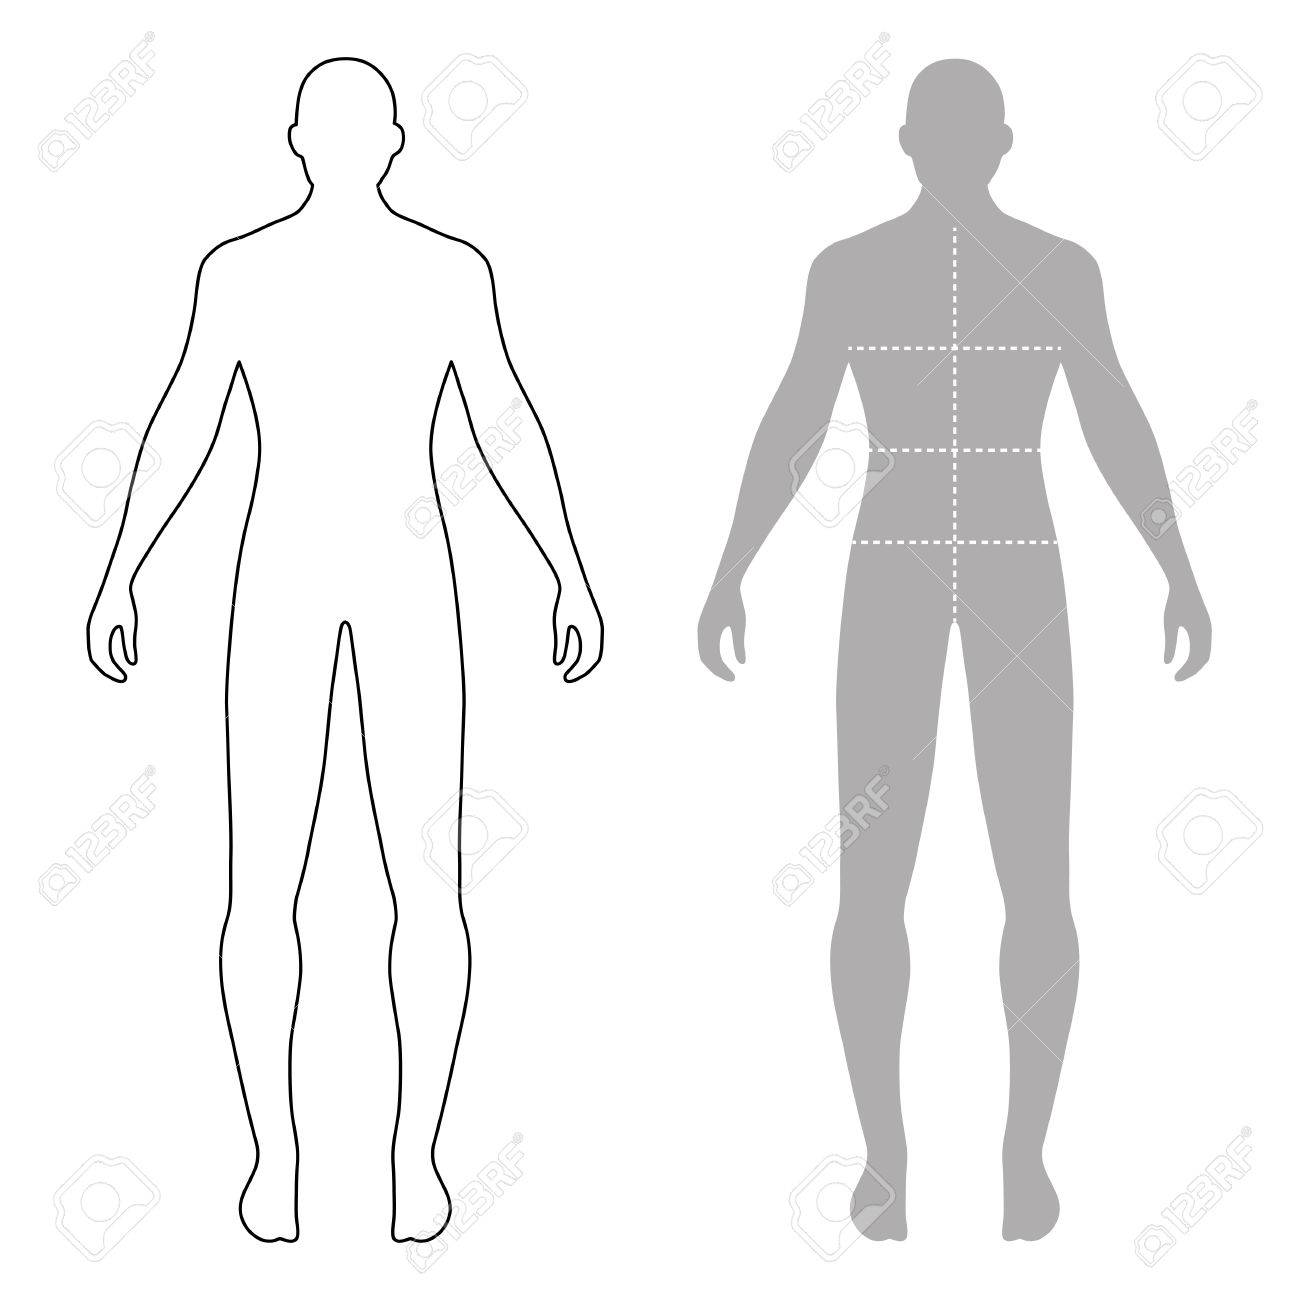 Groß Umriss Eines Menschlichen Körpers Fotos - Anatomie Von ...